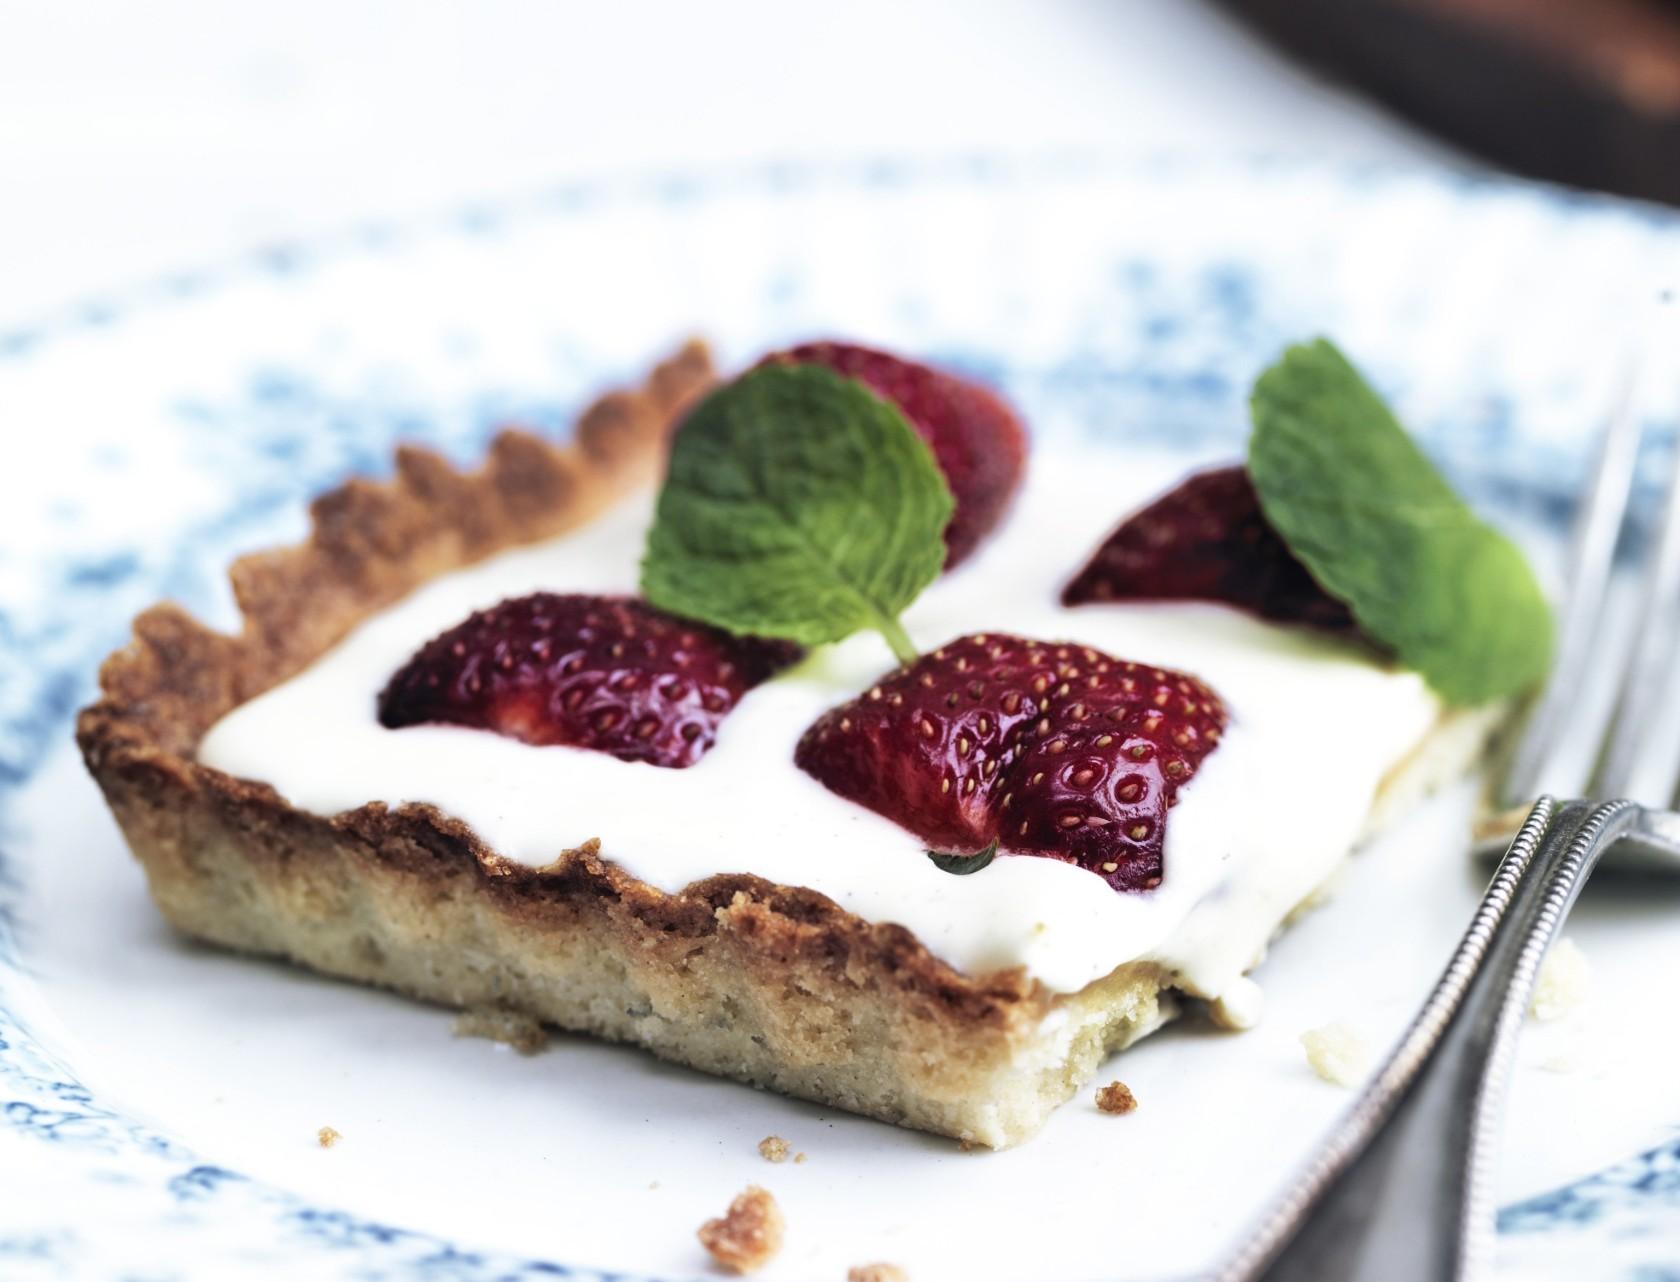 Jordbærtærte med vaniljecreme - den perfekte sommerkage!